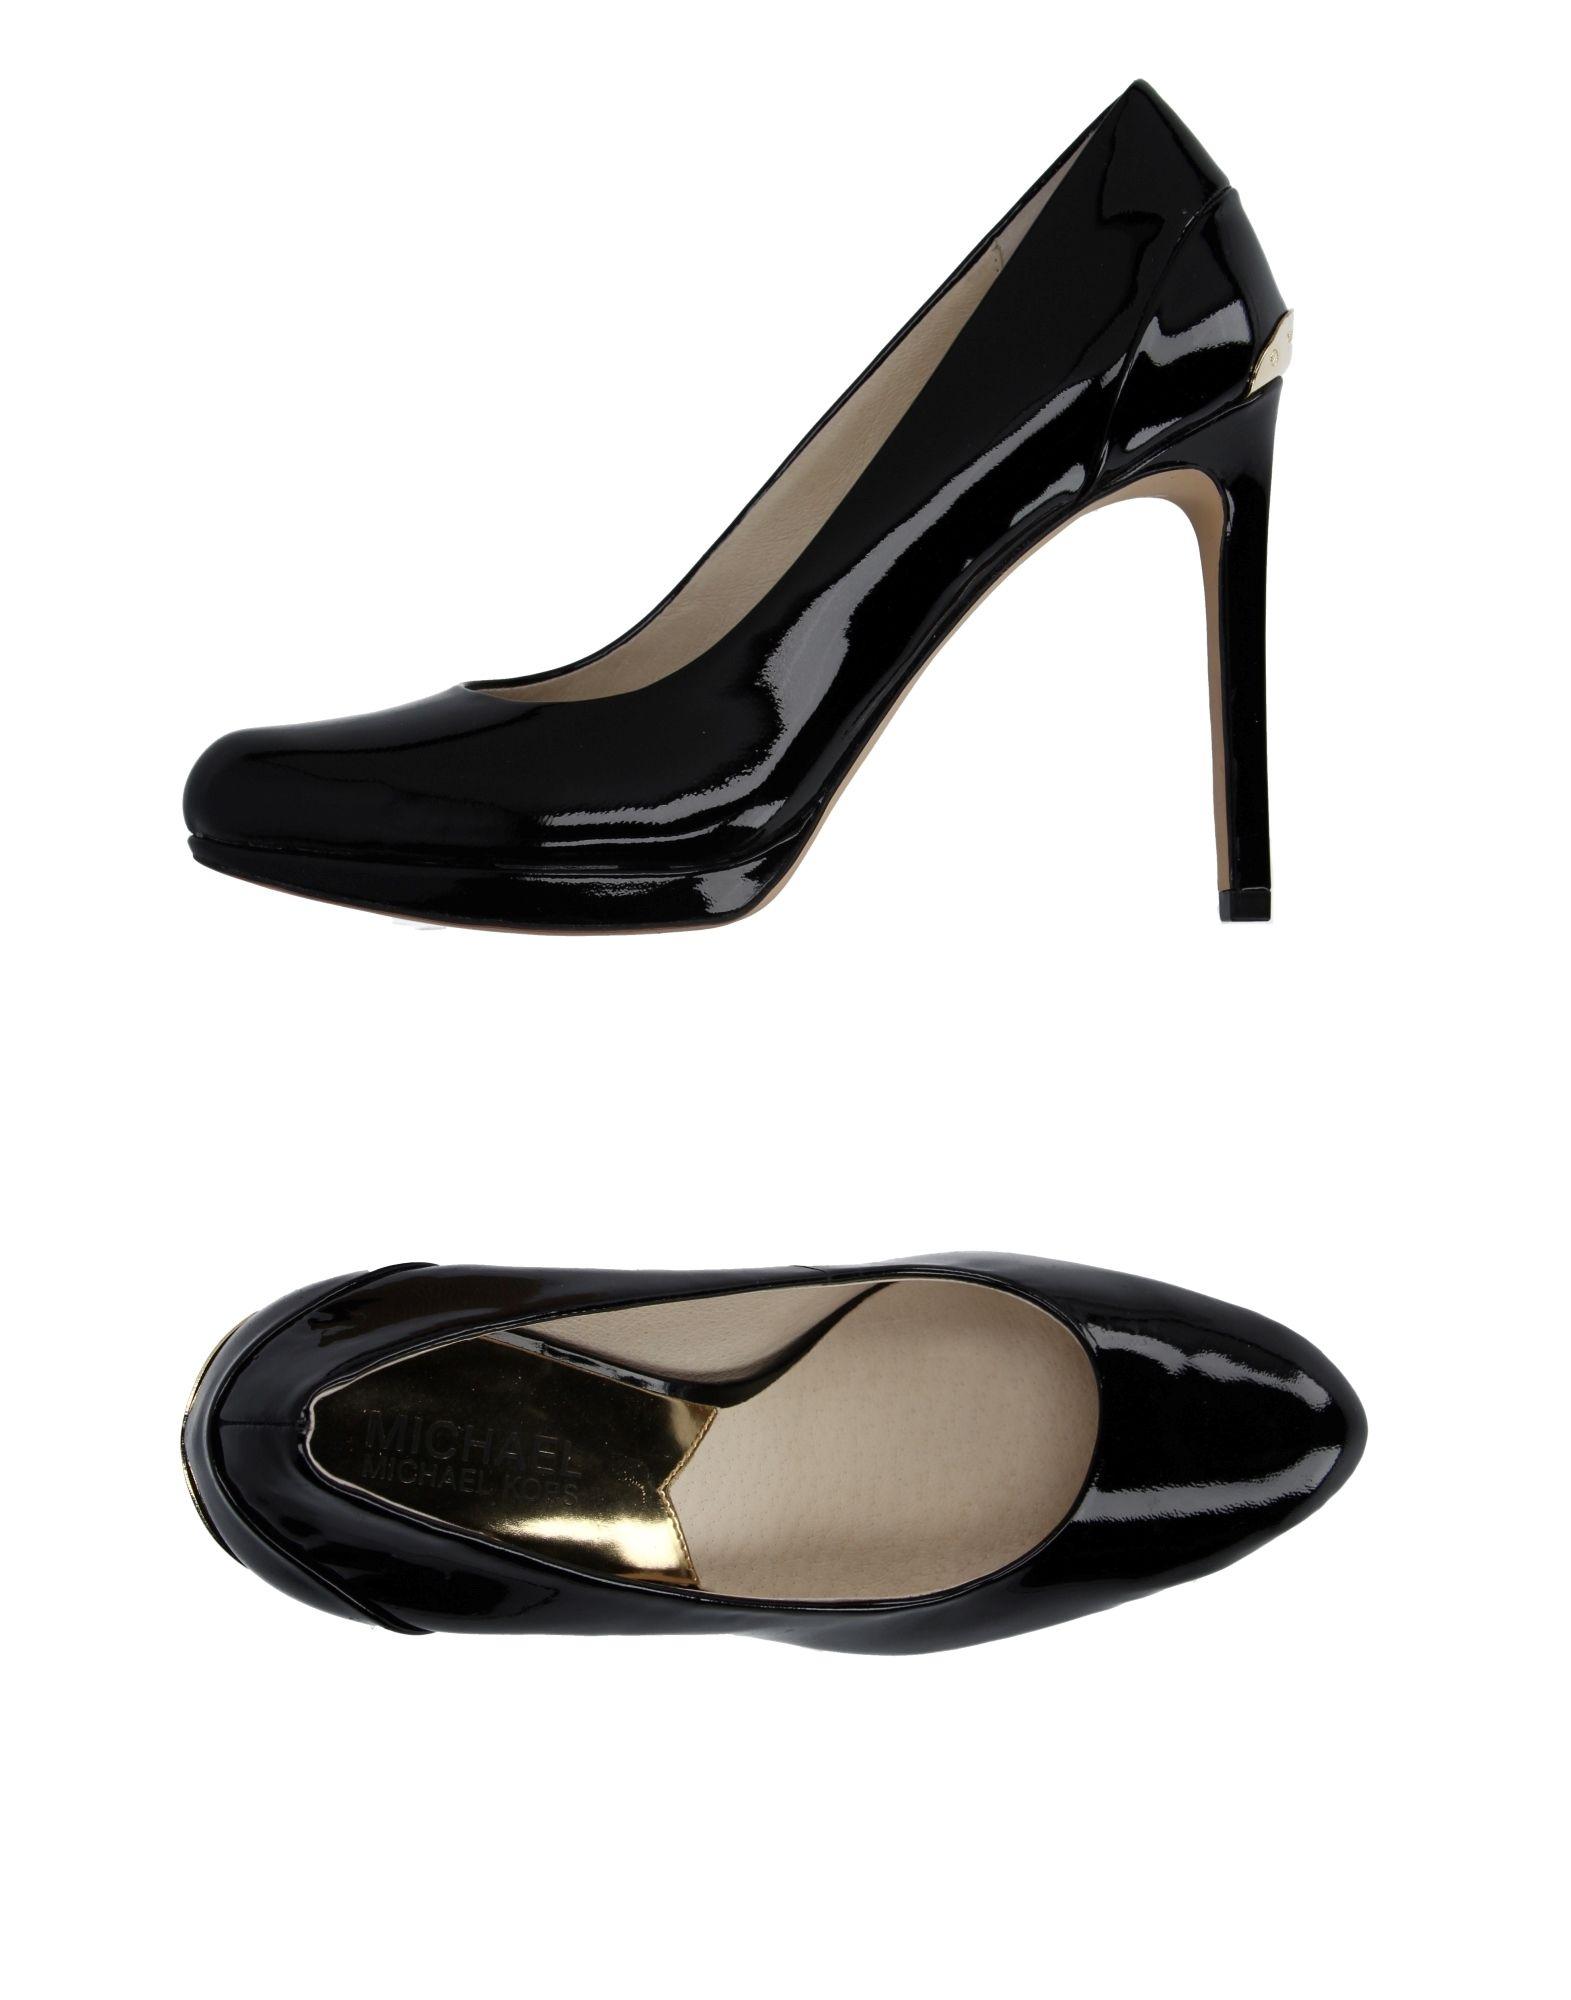 Sandali Nuove Grandinetti Donna - 11460566EU Nuove Sandali offerte e scarpe comode 95e90e